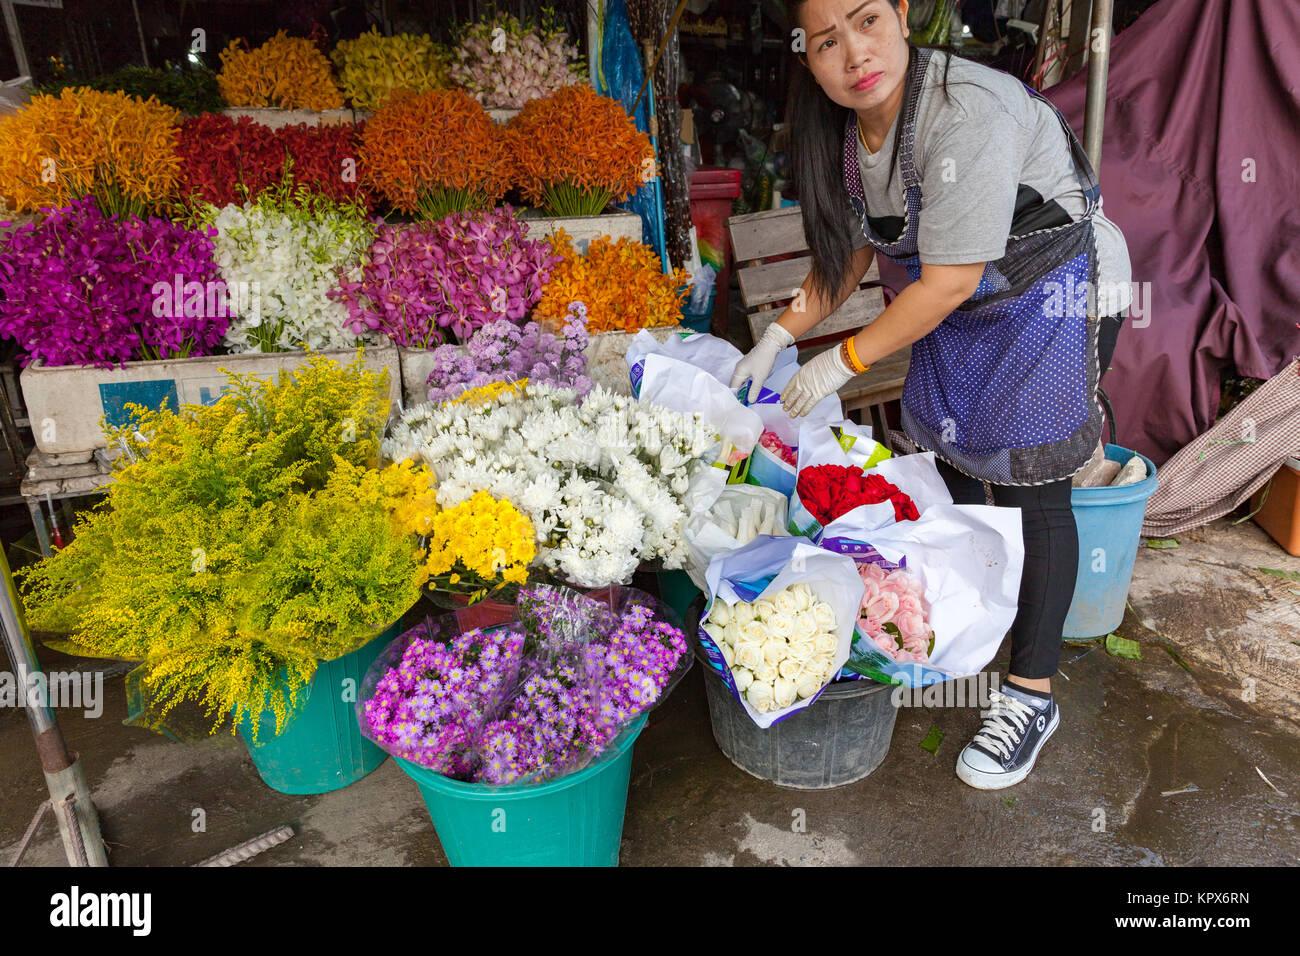 CHIANG MAI, THAÏLANDE - 24 août: femme vend des fleurs sur le marché local le 24 août Photo Stock